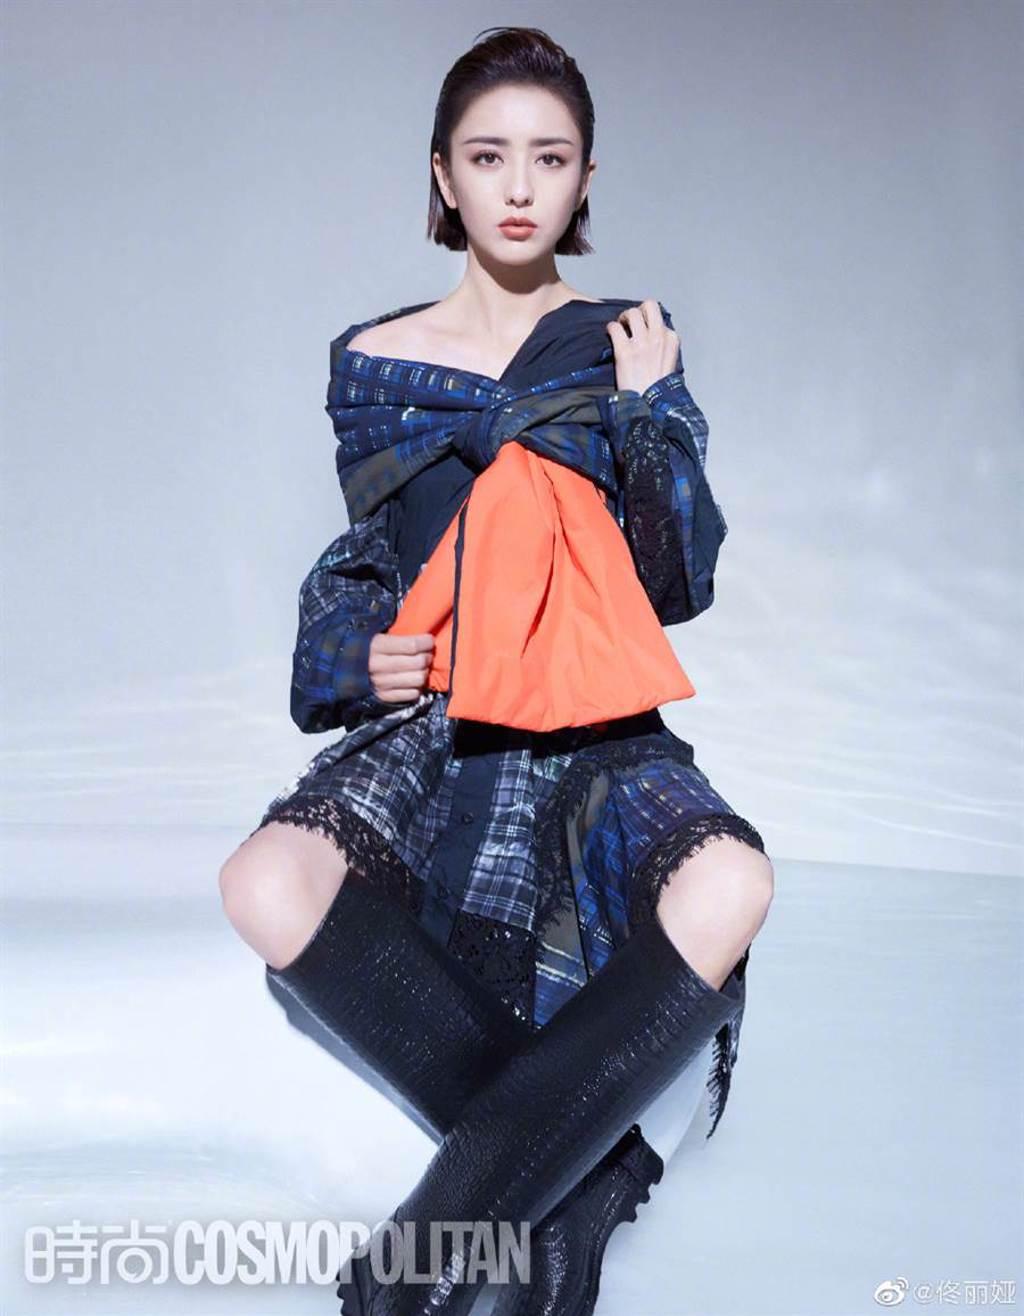 佟麗婭中空裝秀出絕美身材 漂亮鎖骨白腿一覽無遺(圖/摘自微博@佟丽娅)